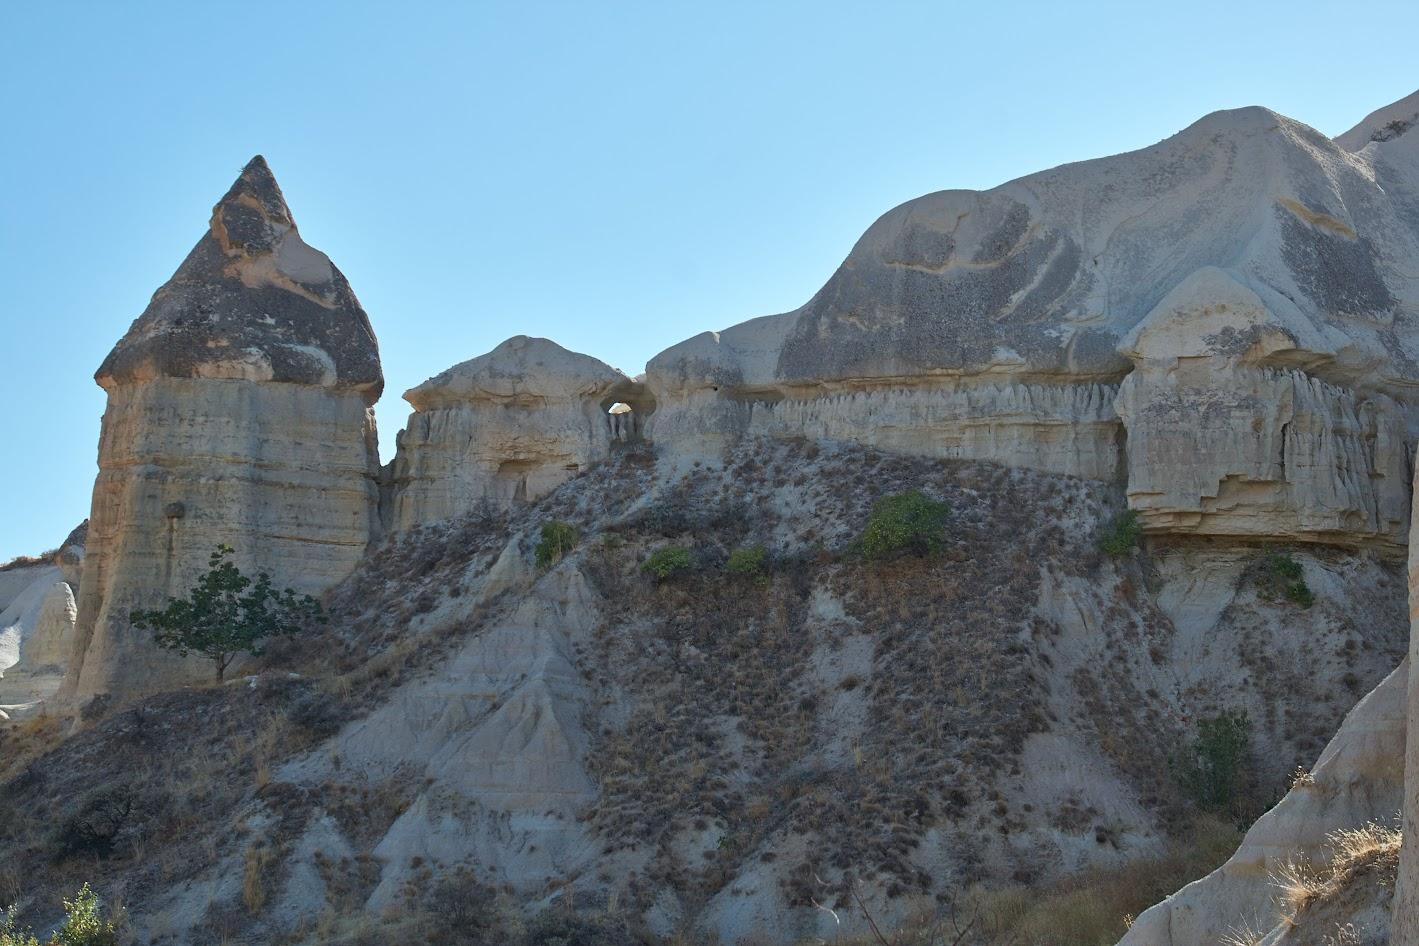 Греческая туника из-под турецкого кафтана. Каппадокия, Памуккале и Олюдениз в сентябре 2020 года.